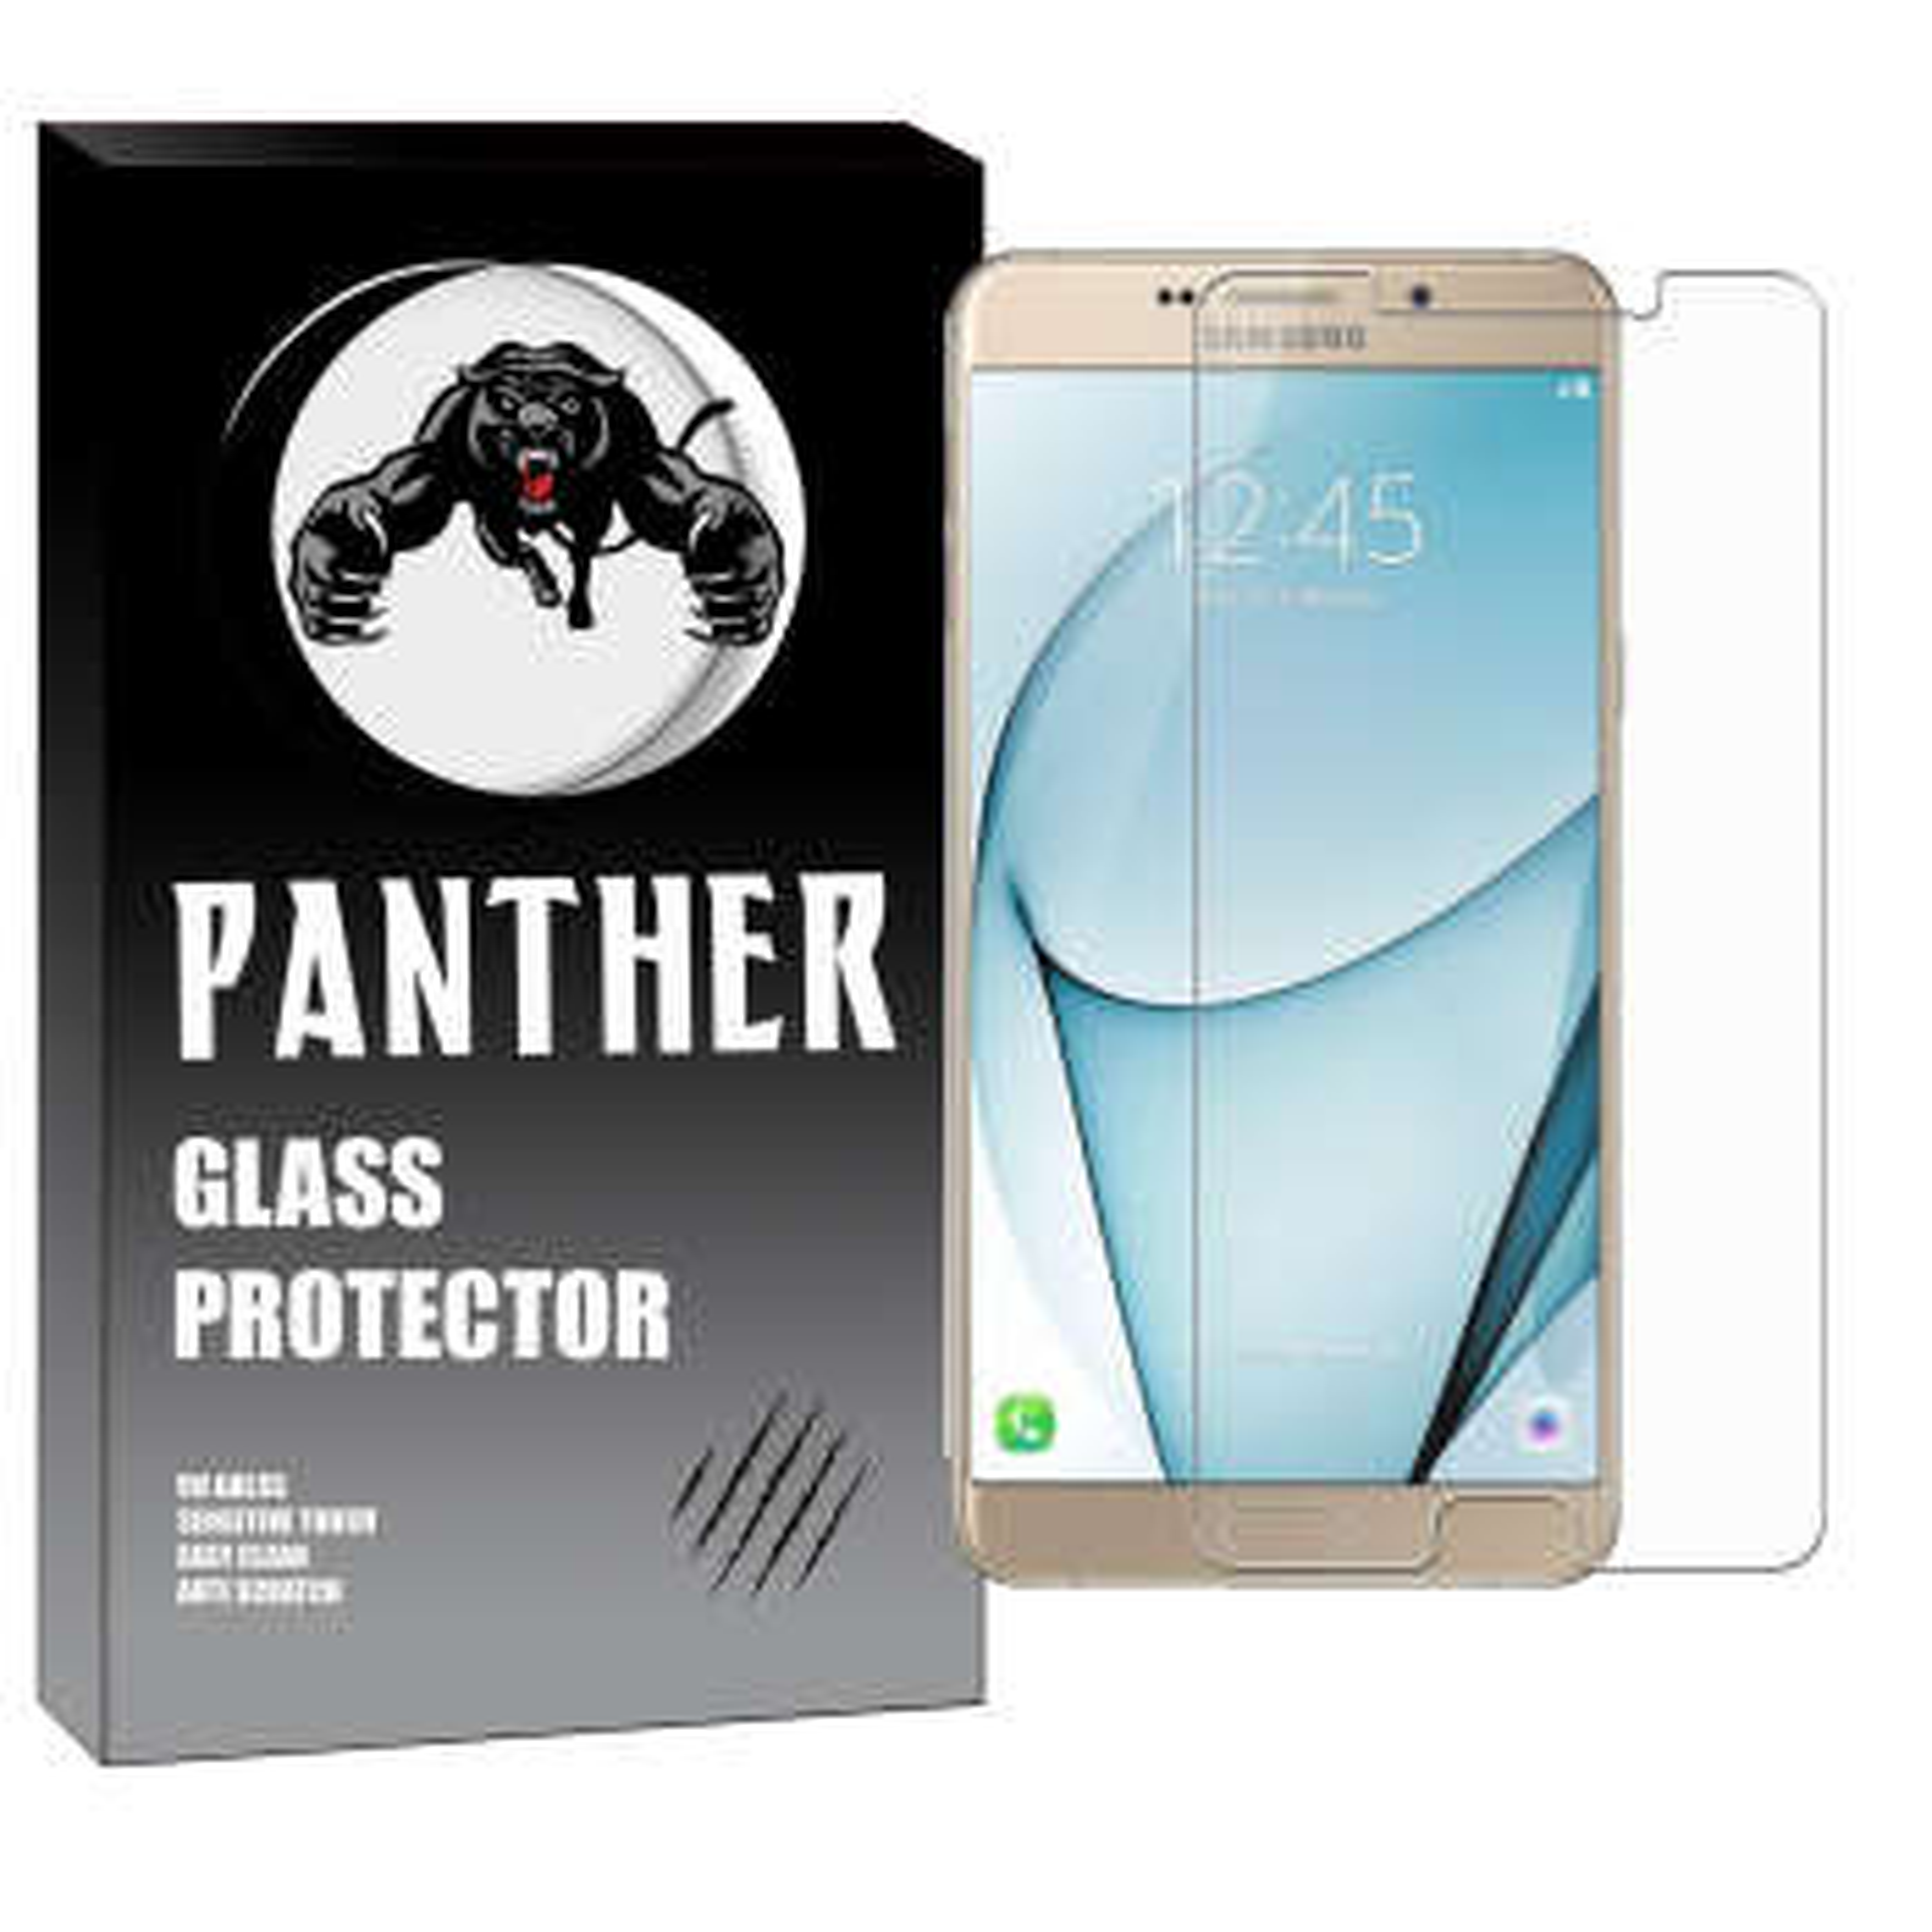 محافظ صفحه نمایش پنتر مدل SDP-099 مناسب برای گوشی موبایل سامسونگ Galaxy A9 Pro